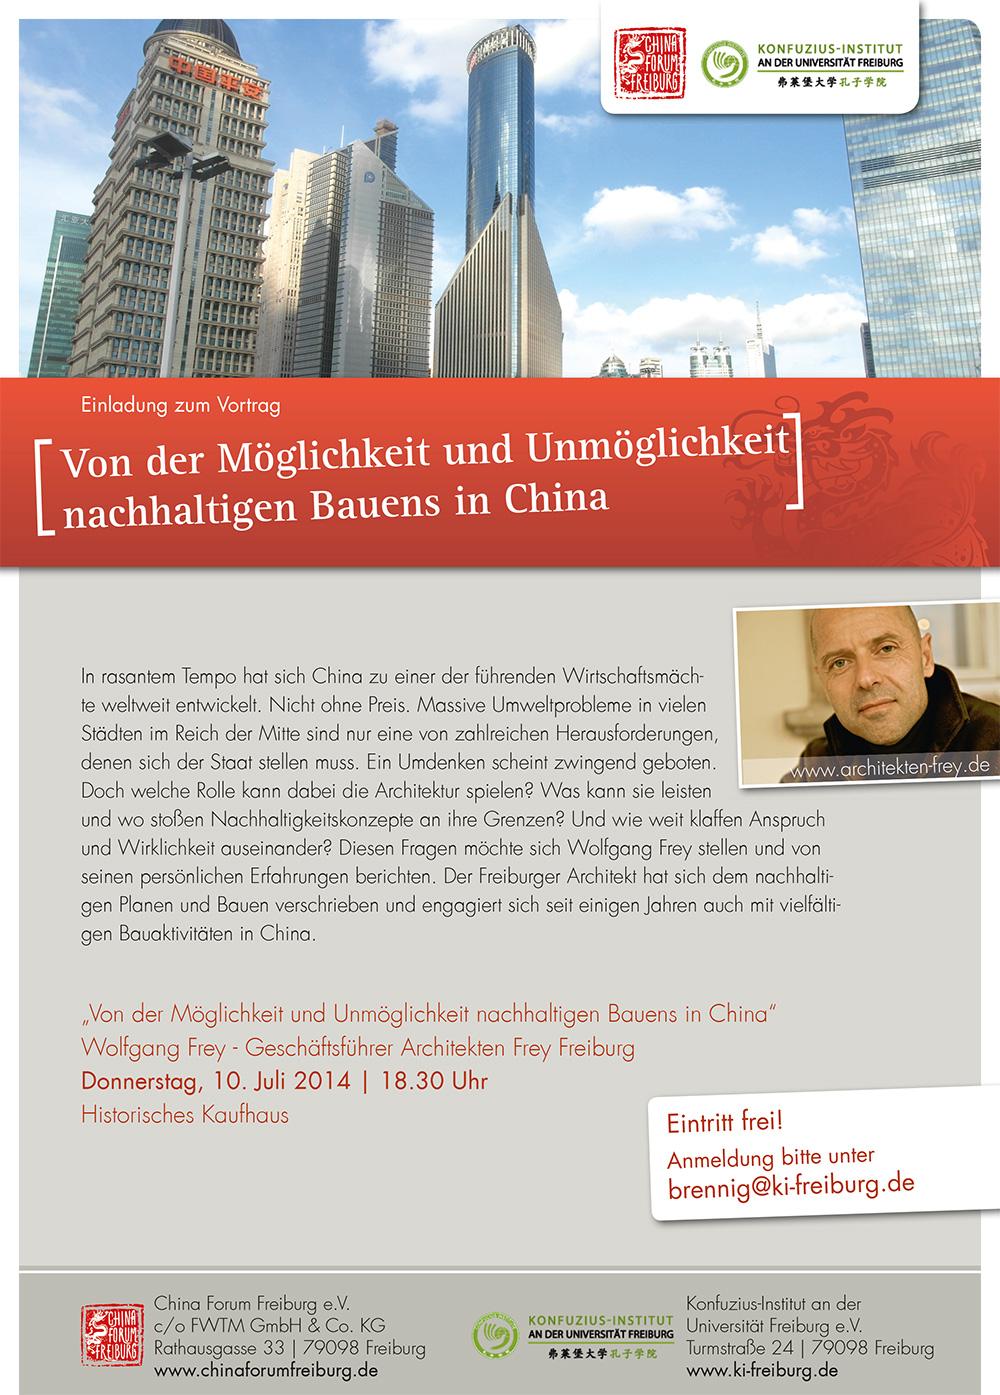 2014-07-10_AK_Wolfgang-Frey_Konfuzius